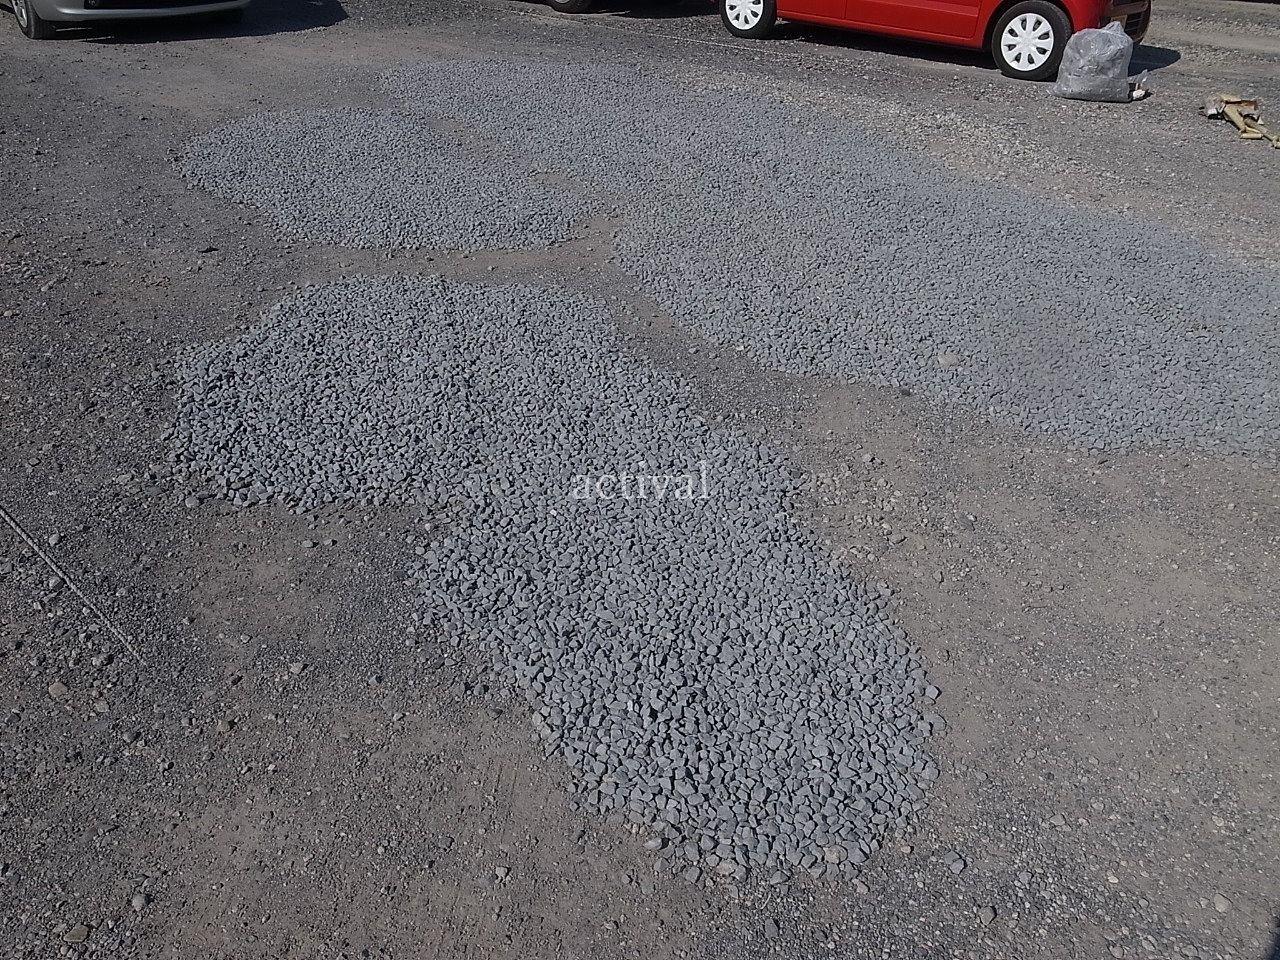 大型月極駐車場の窪みに砕石(さいせき)を入れた穴埋め補修 ~アクティバルの月極駐車場管理59~